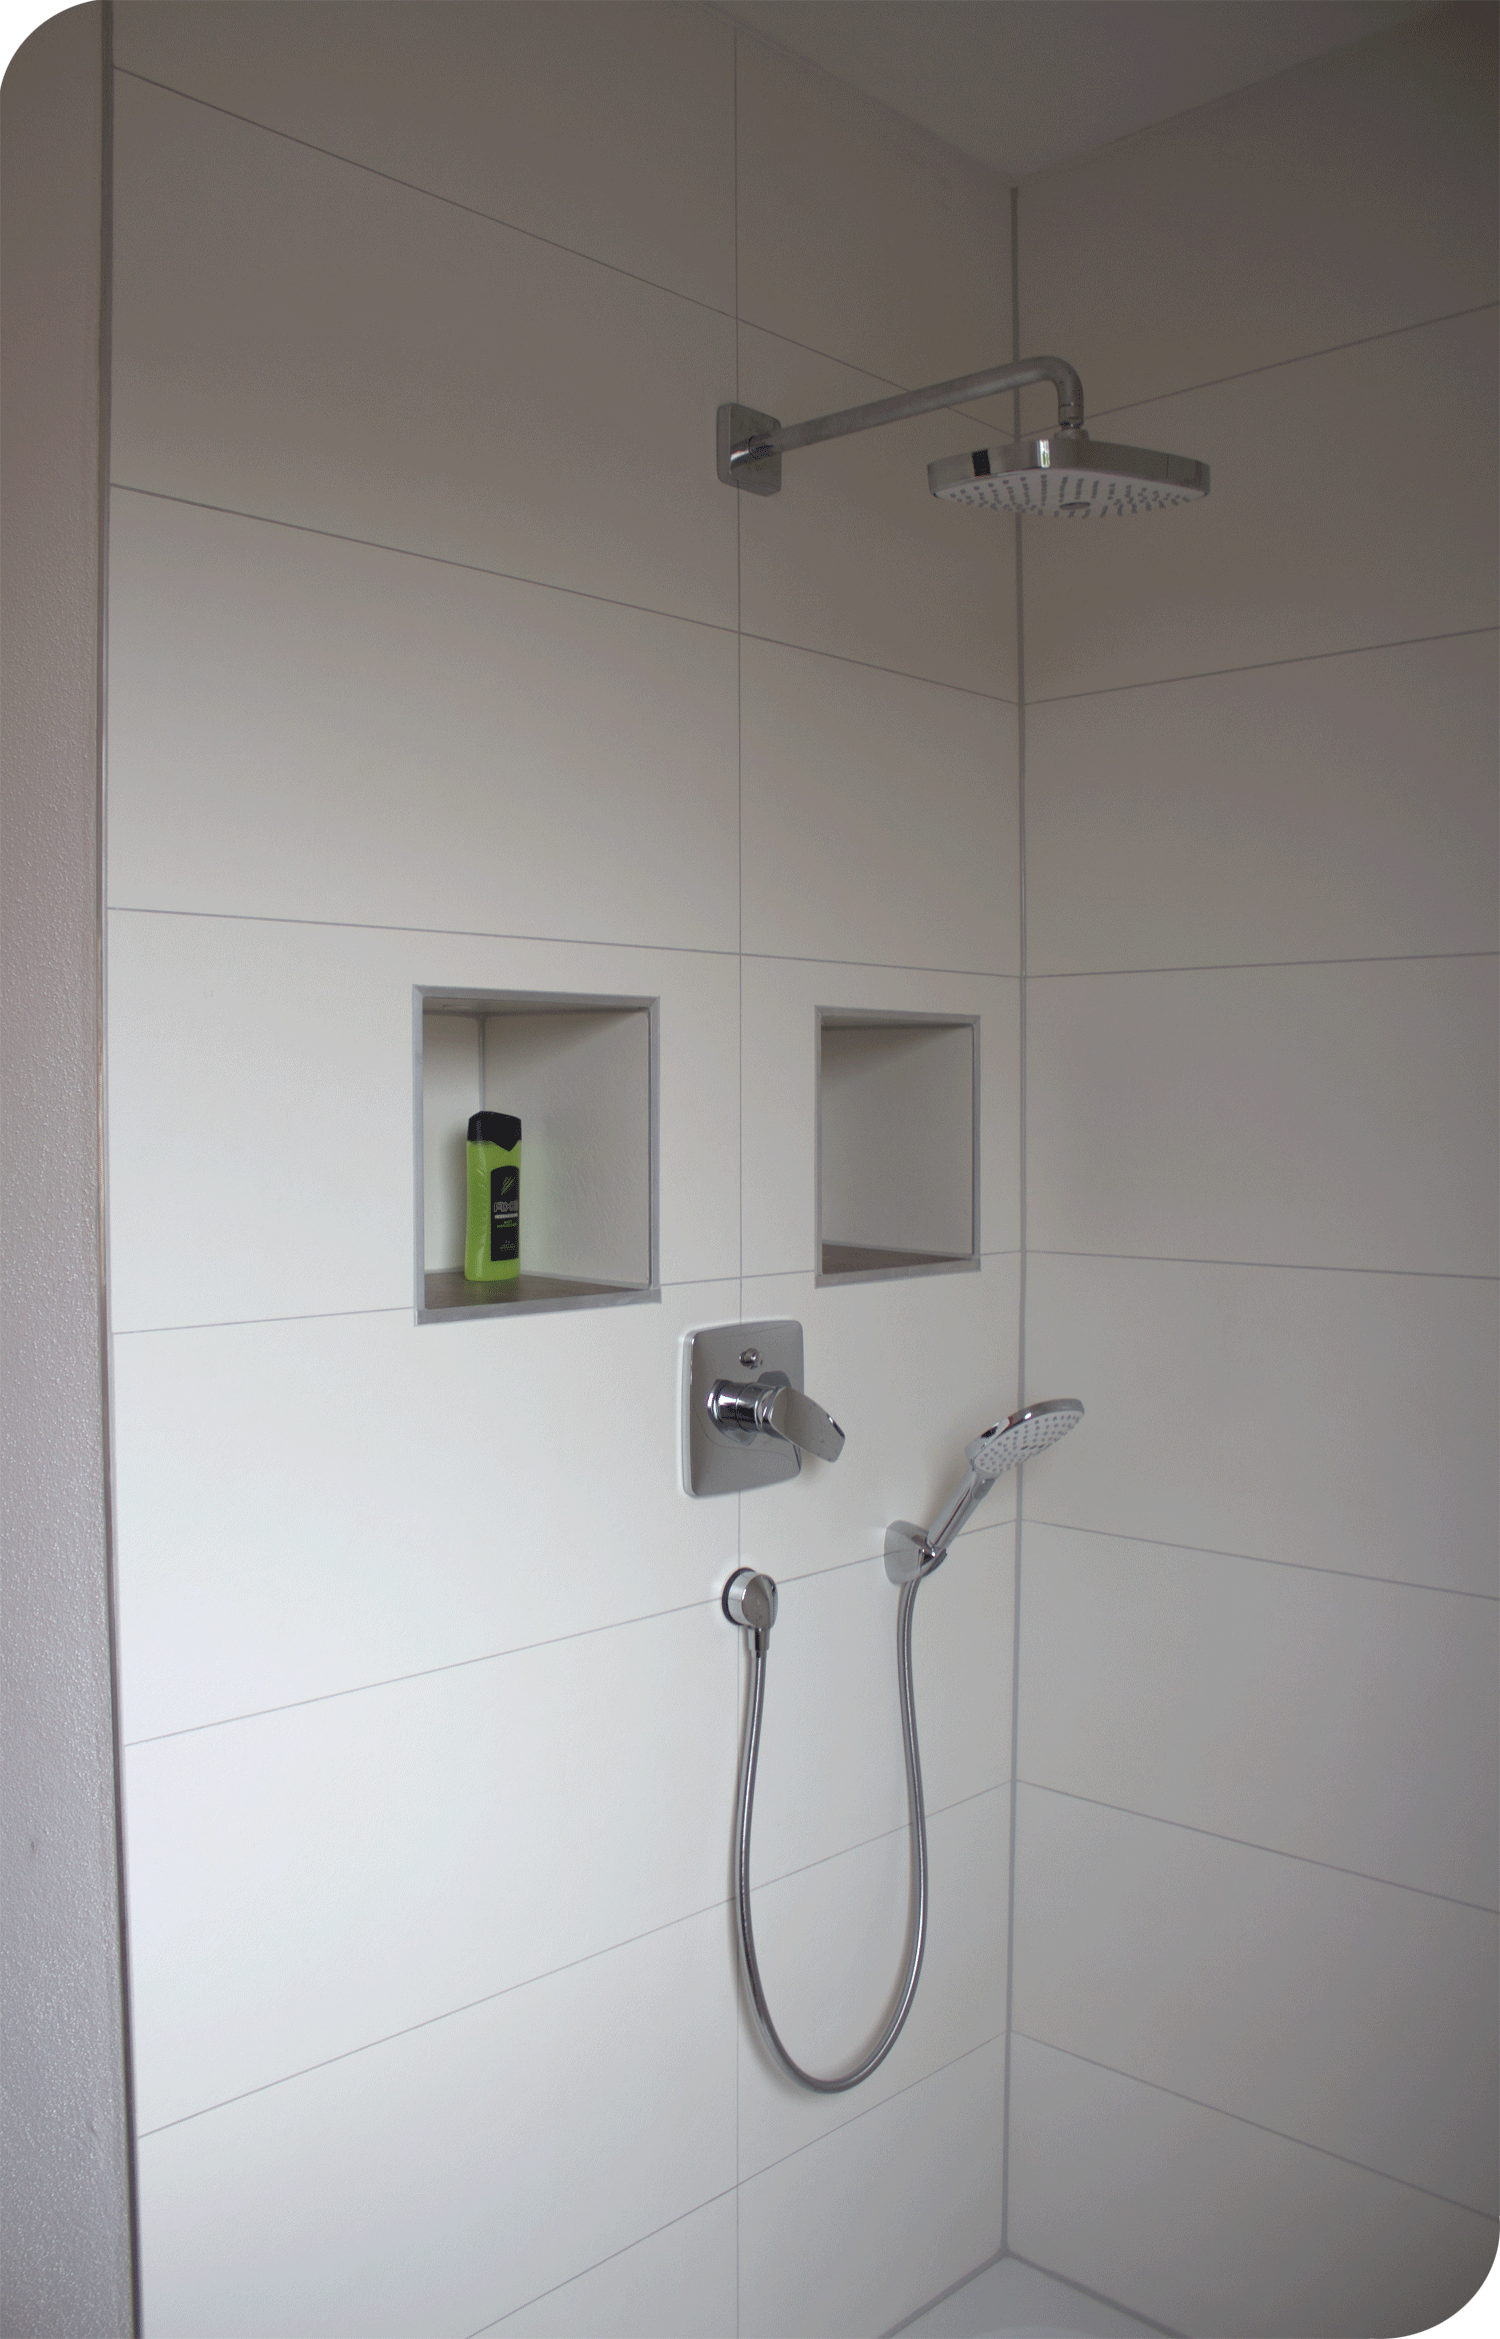 Dusche mit Ablage Fenster Dusche fenster, Dusche, Ablage